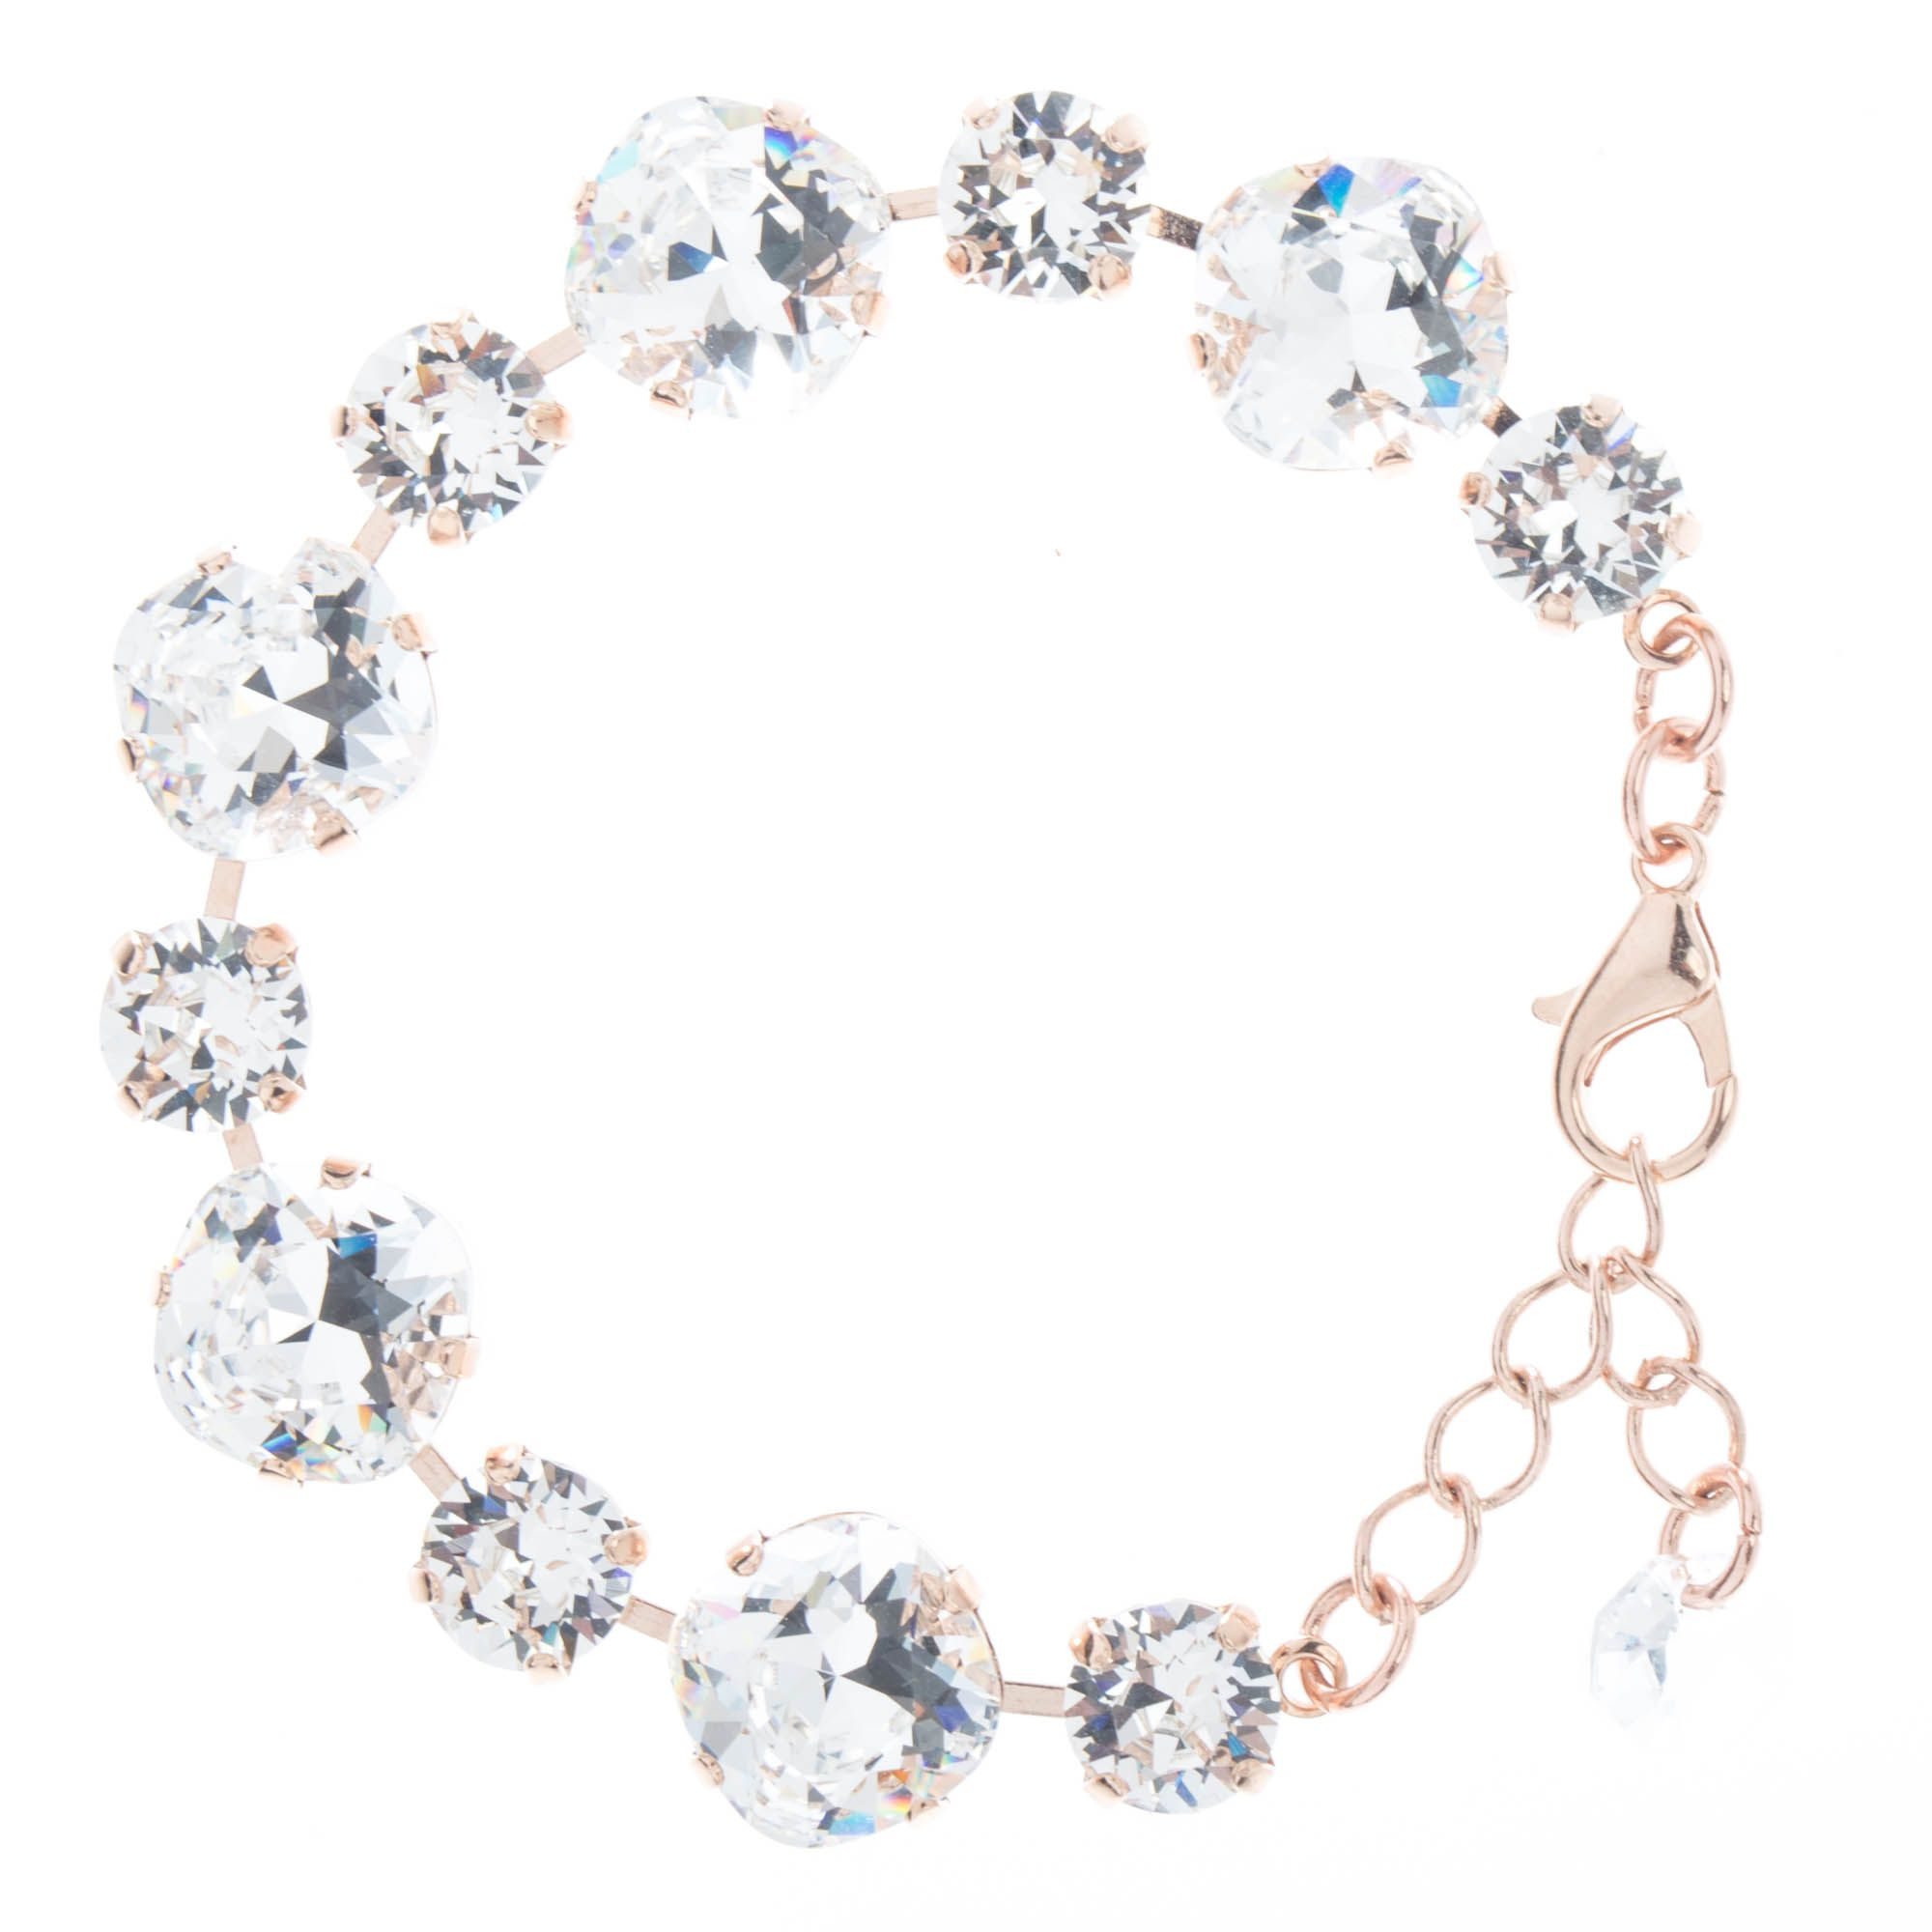 Sparkly! YPMCO 12mm & 8mm Swarovski Crystal Bracelet - Clear & Rose Gold